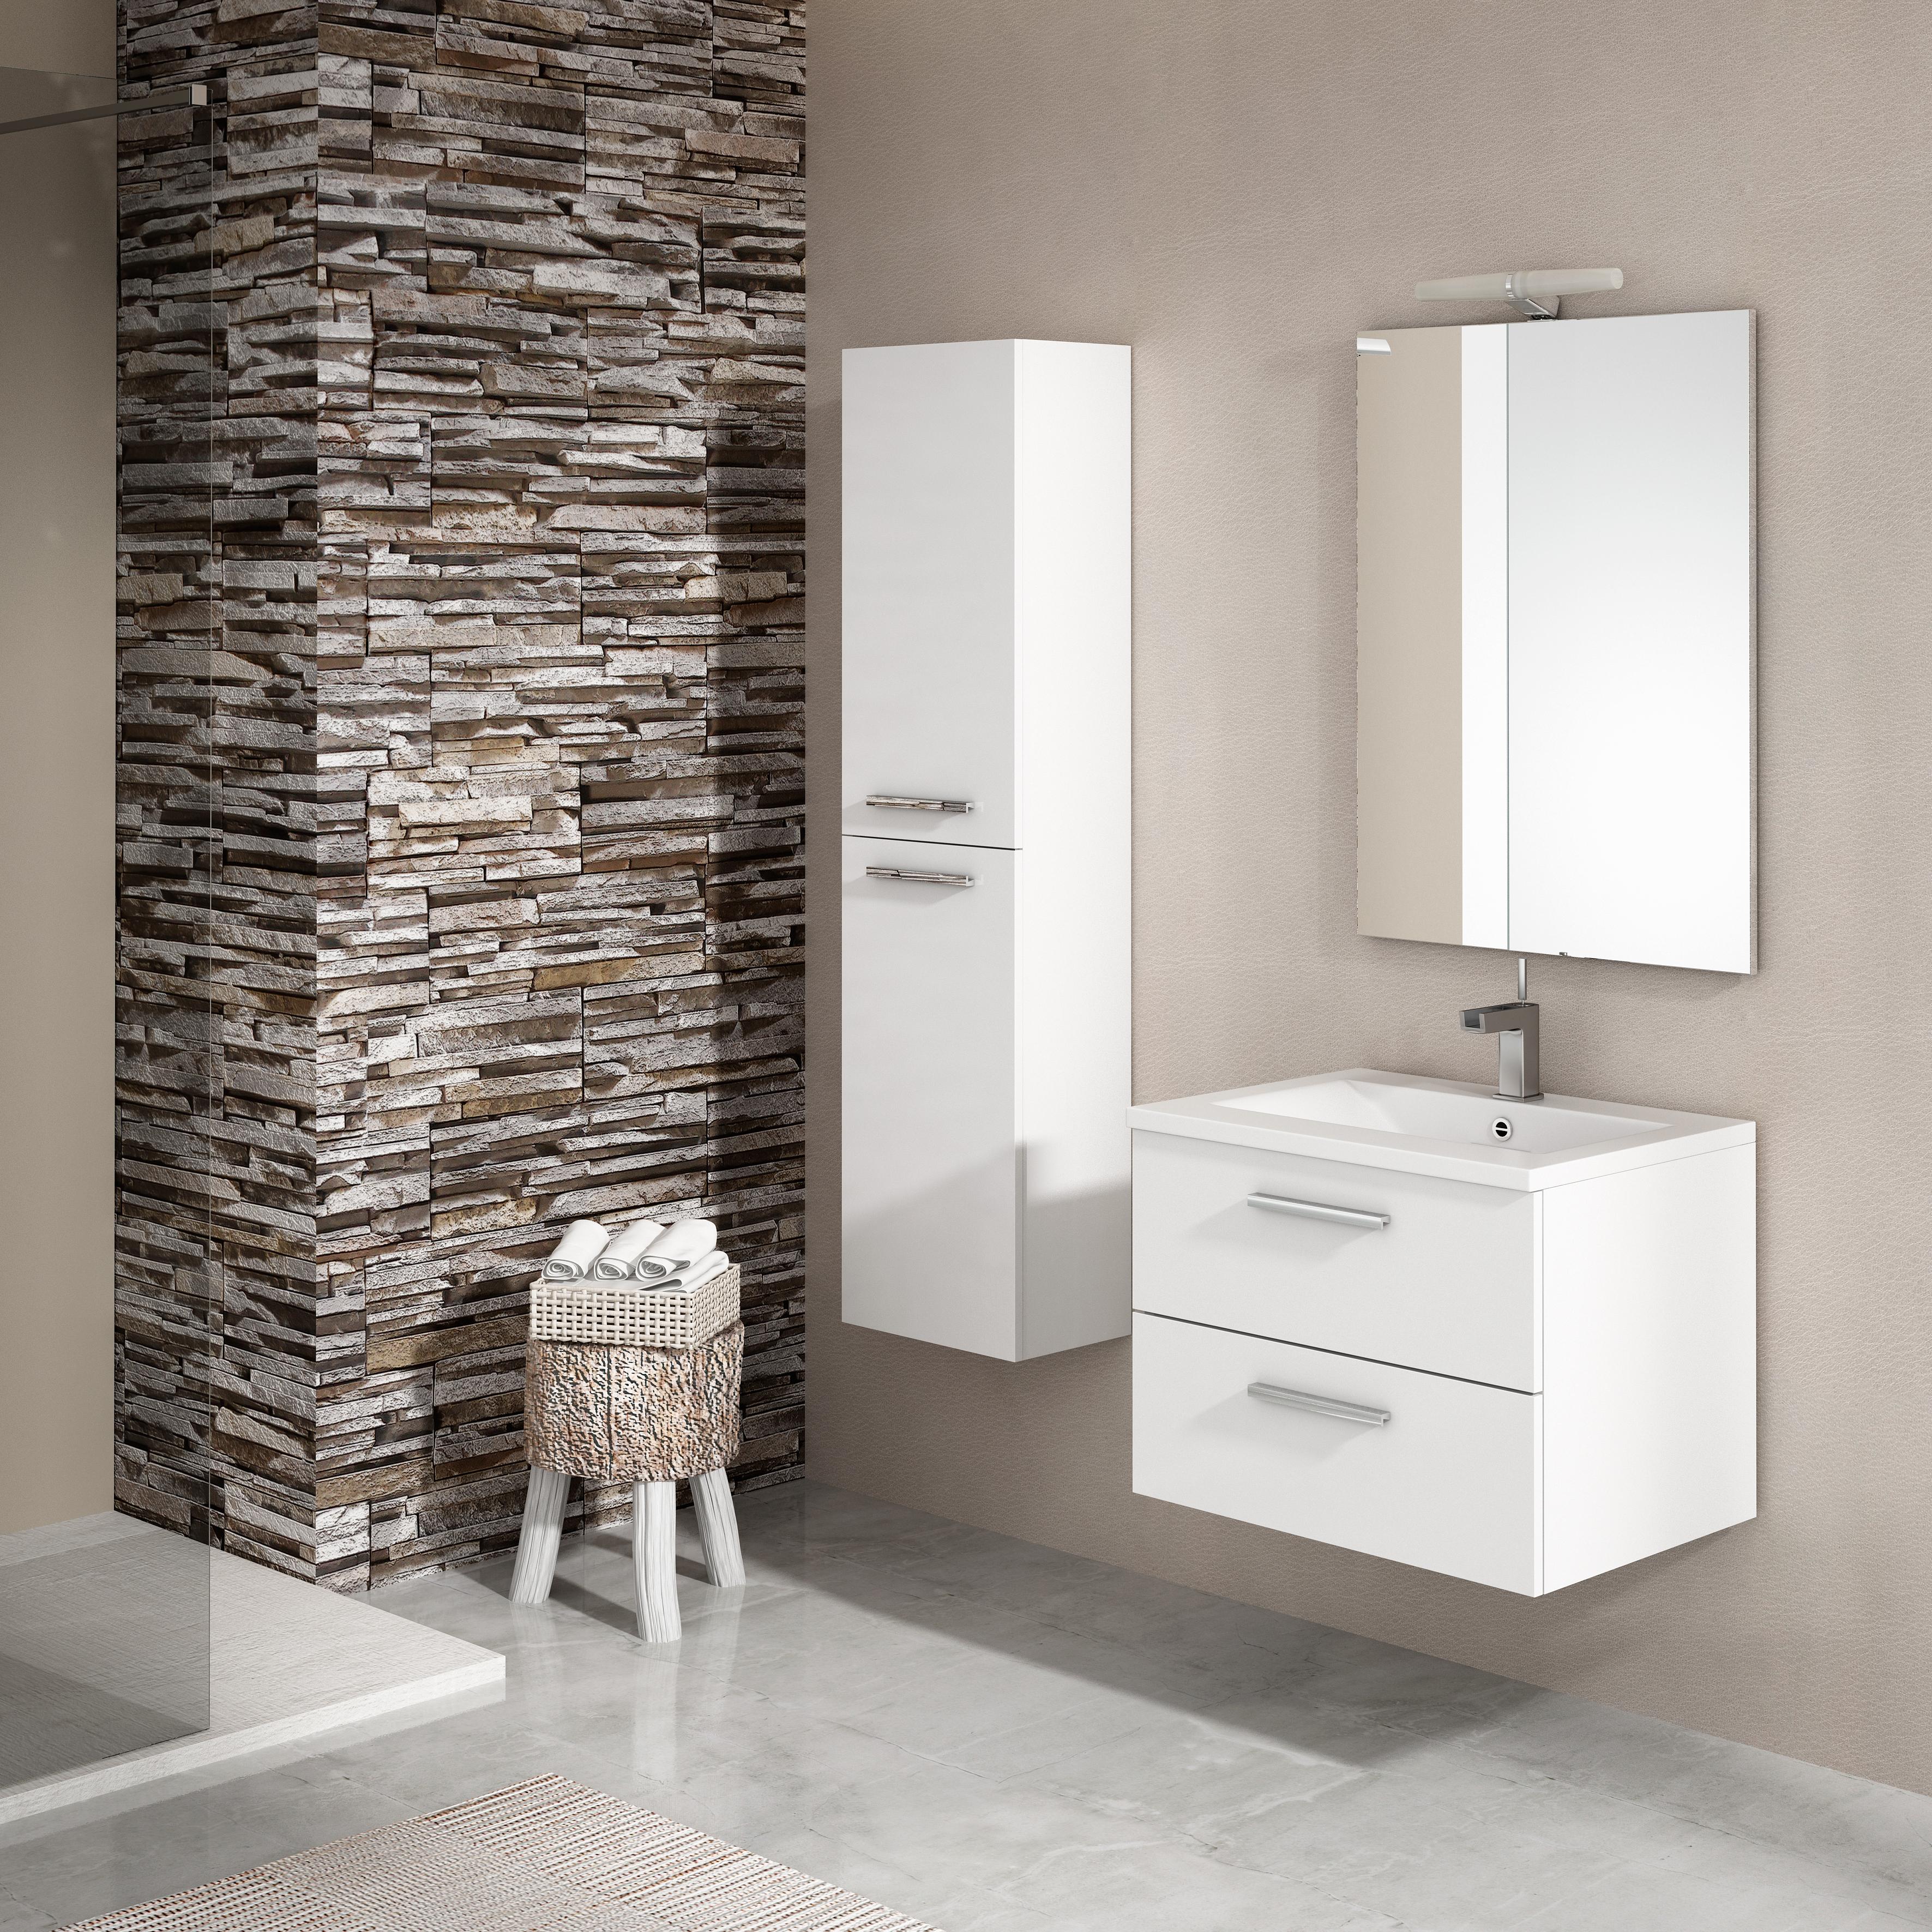 baños modernos fotos-Cordoba